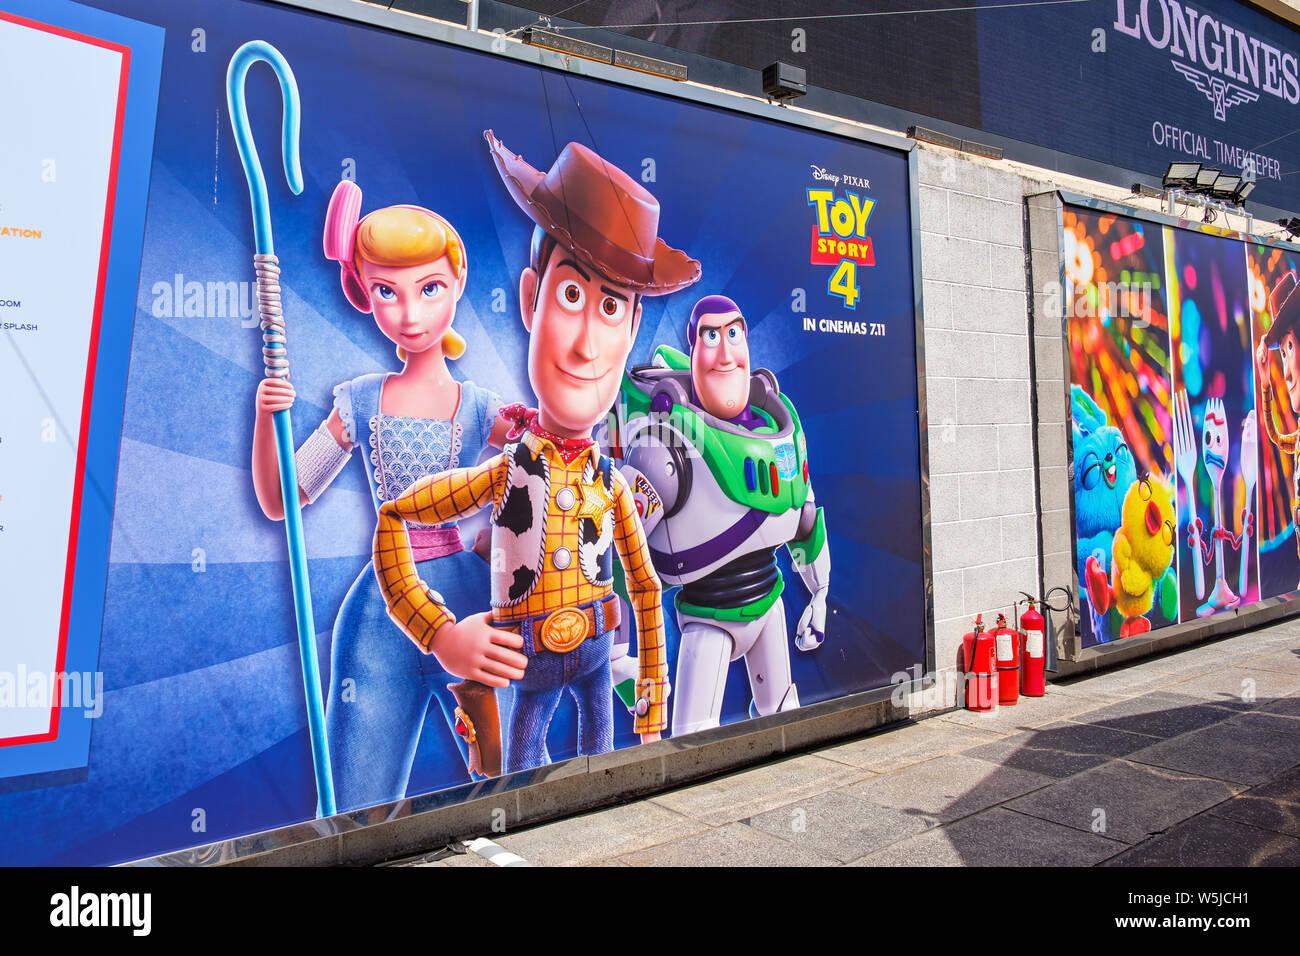 """Hong Kong -Juillet 26, 2019: Disney et Pixar's """"Toy Story 4"""" film toile affichage avec les personnages de dessins animés dans l'activité d'exposition Harbour City,Tsim Sha Banque D'Images"""